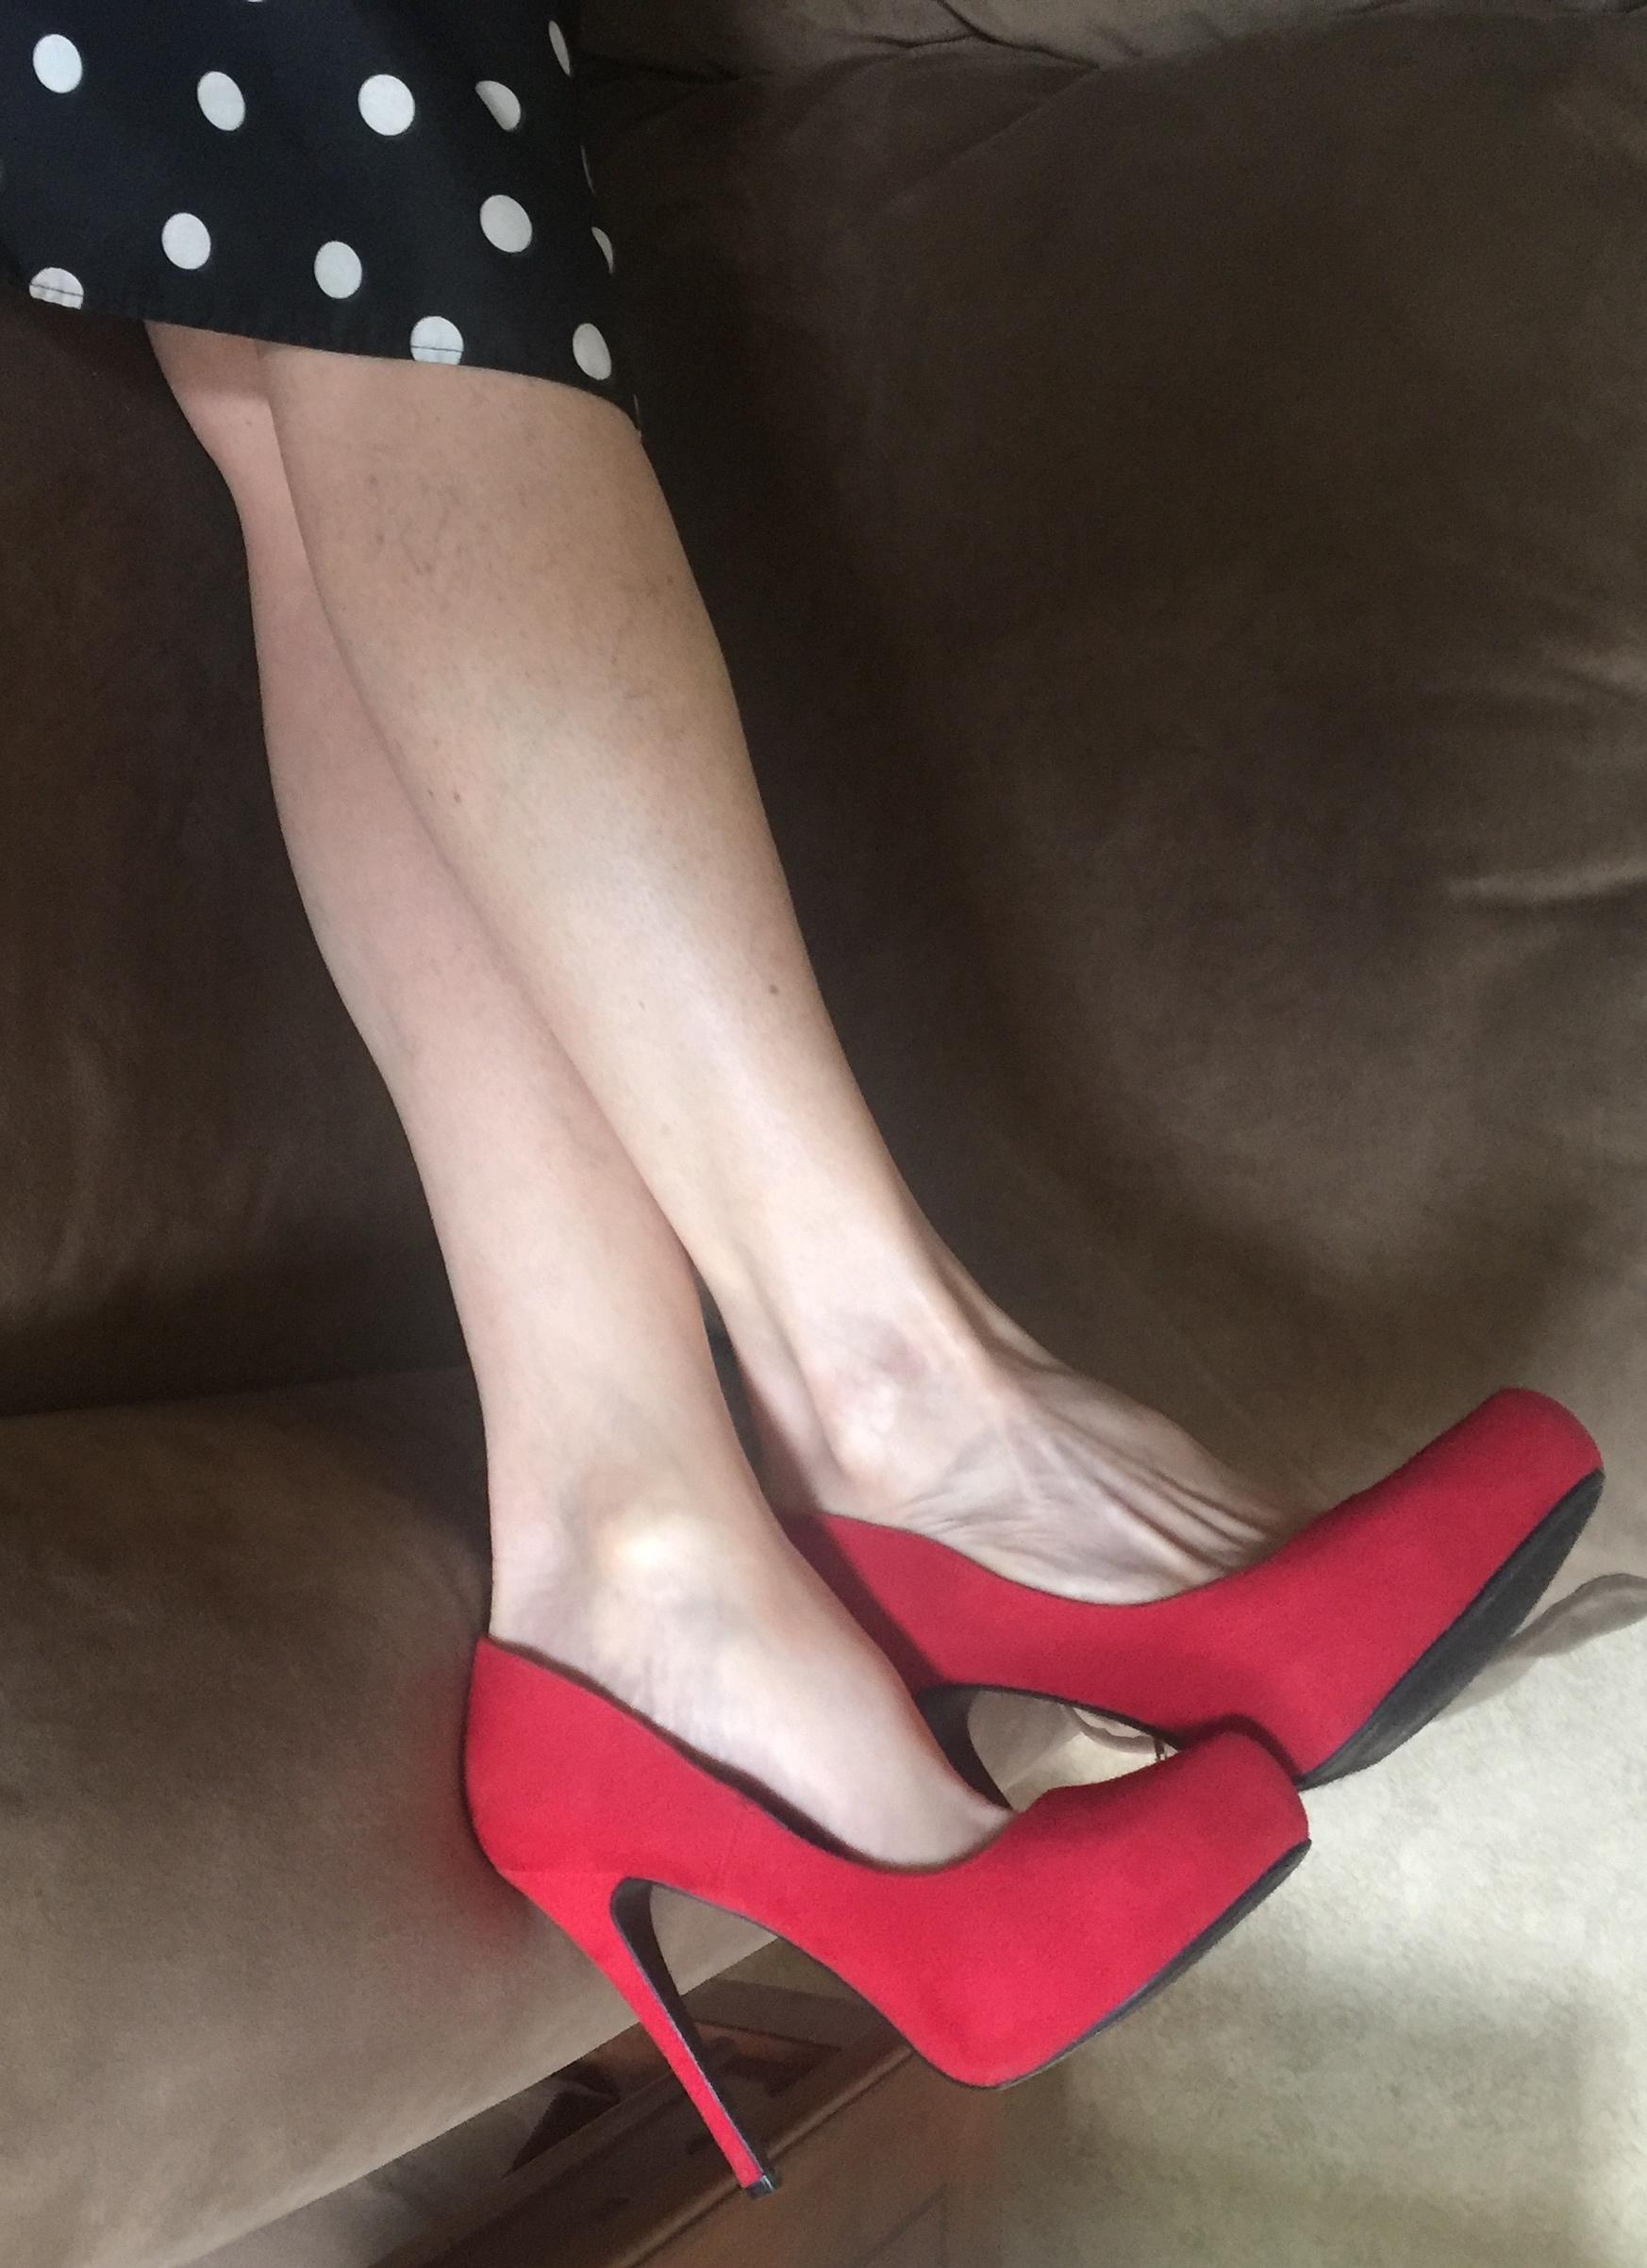 photo 1 - red suede pumps.jpg